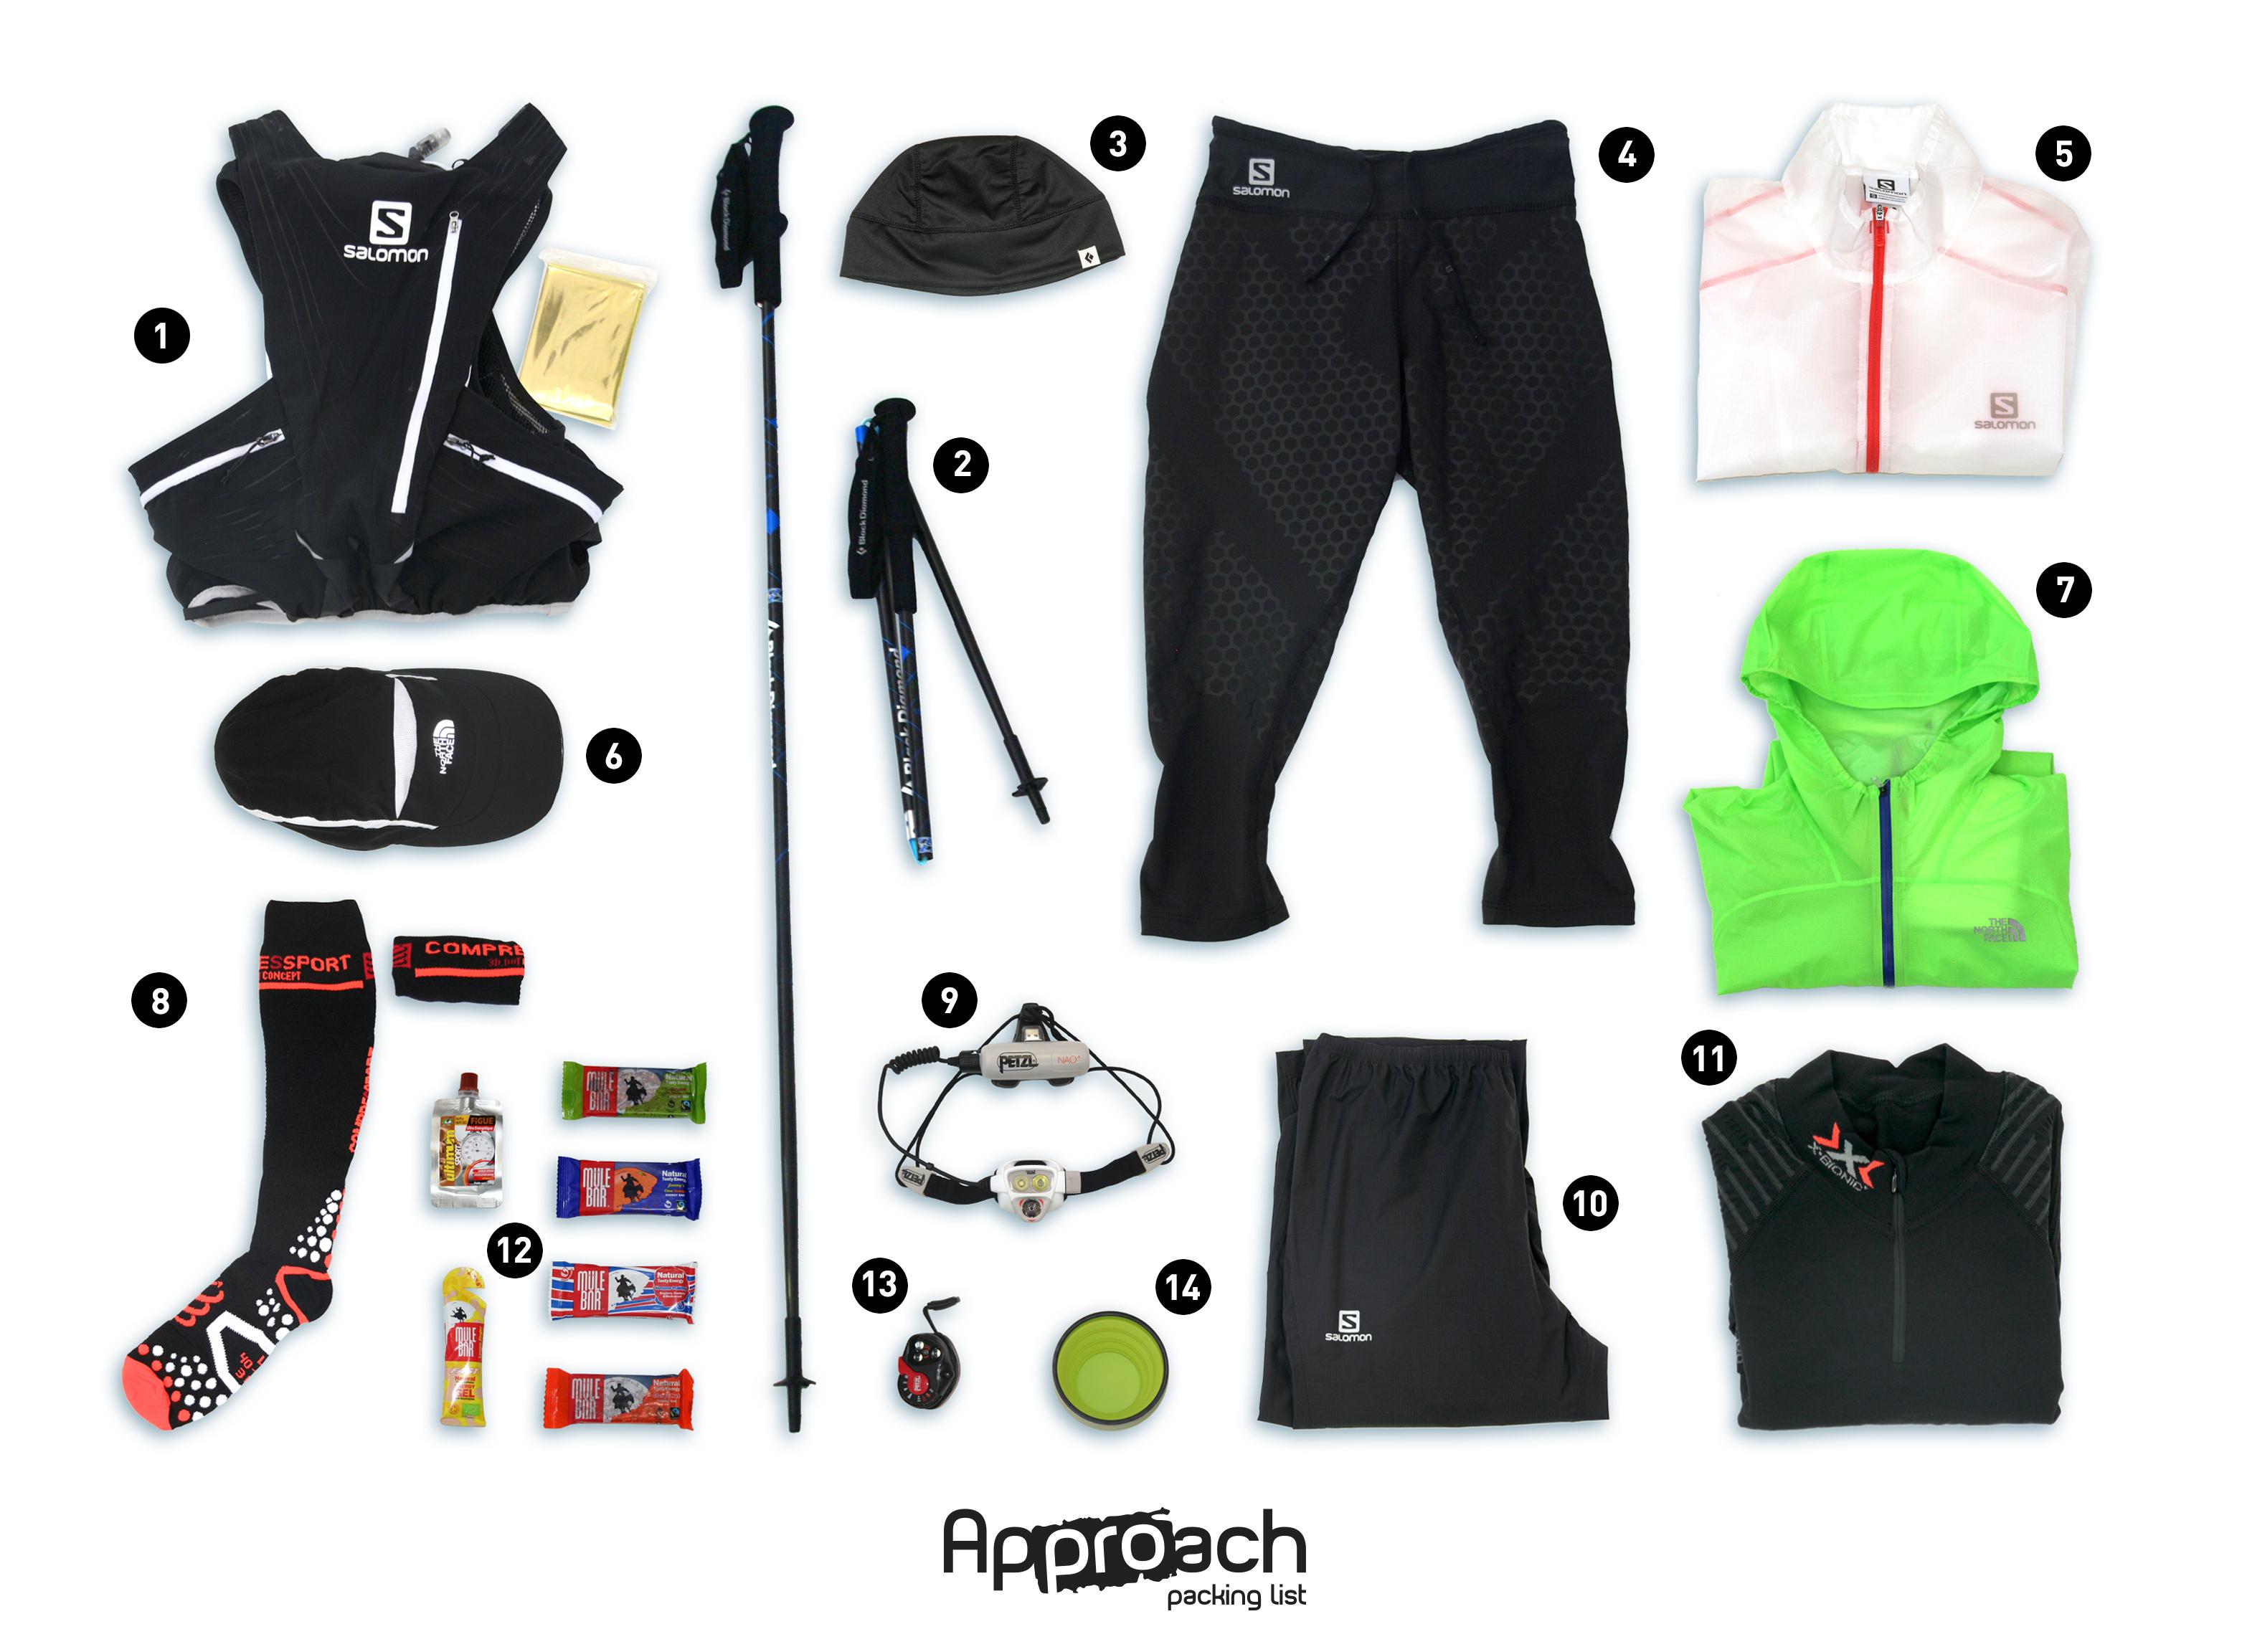 Approach packing list le mat riel obligatoire pour l 39 ultra trail du mont blanc approach outdoor - Tout a l egout obligatoire ...